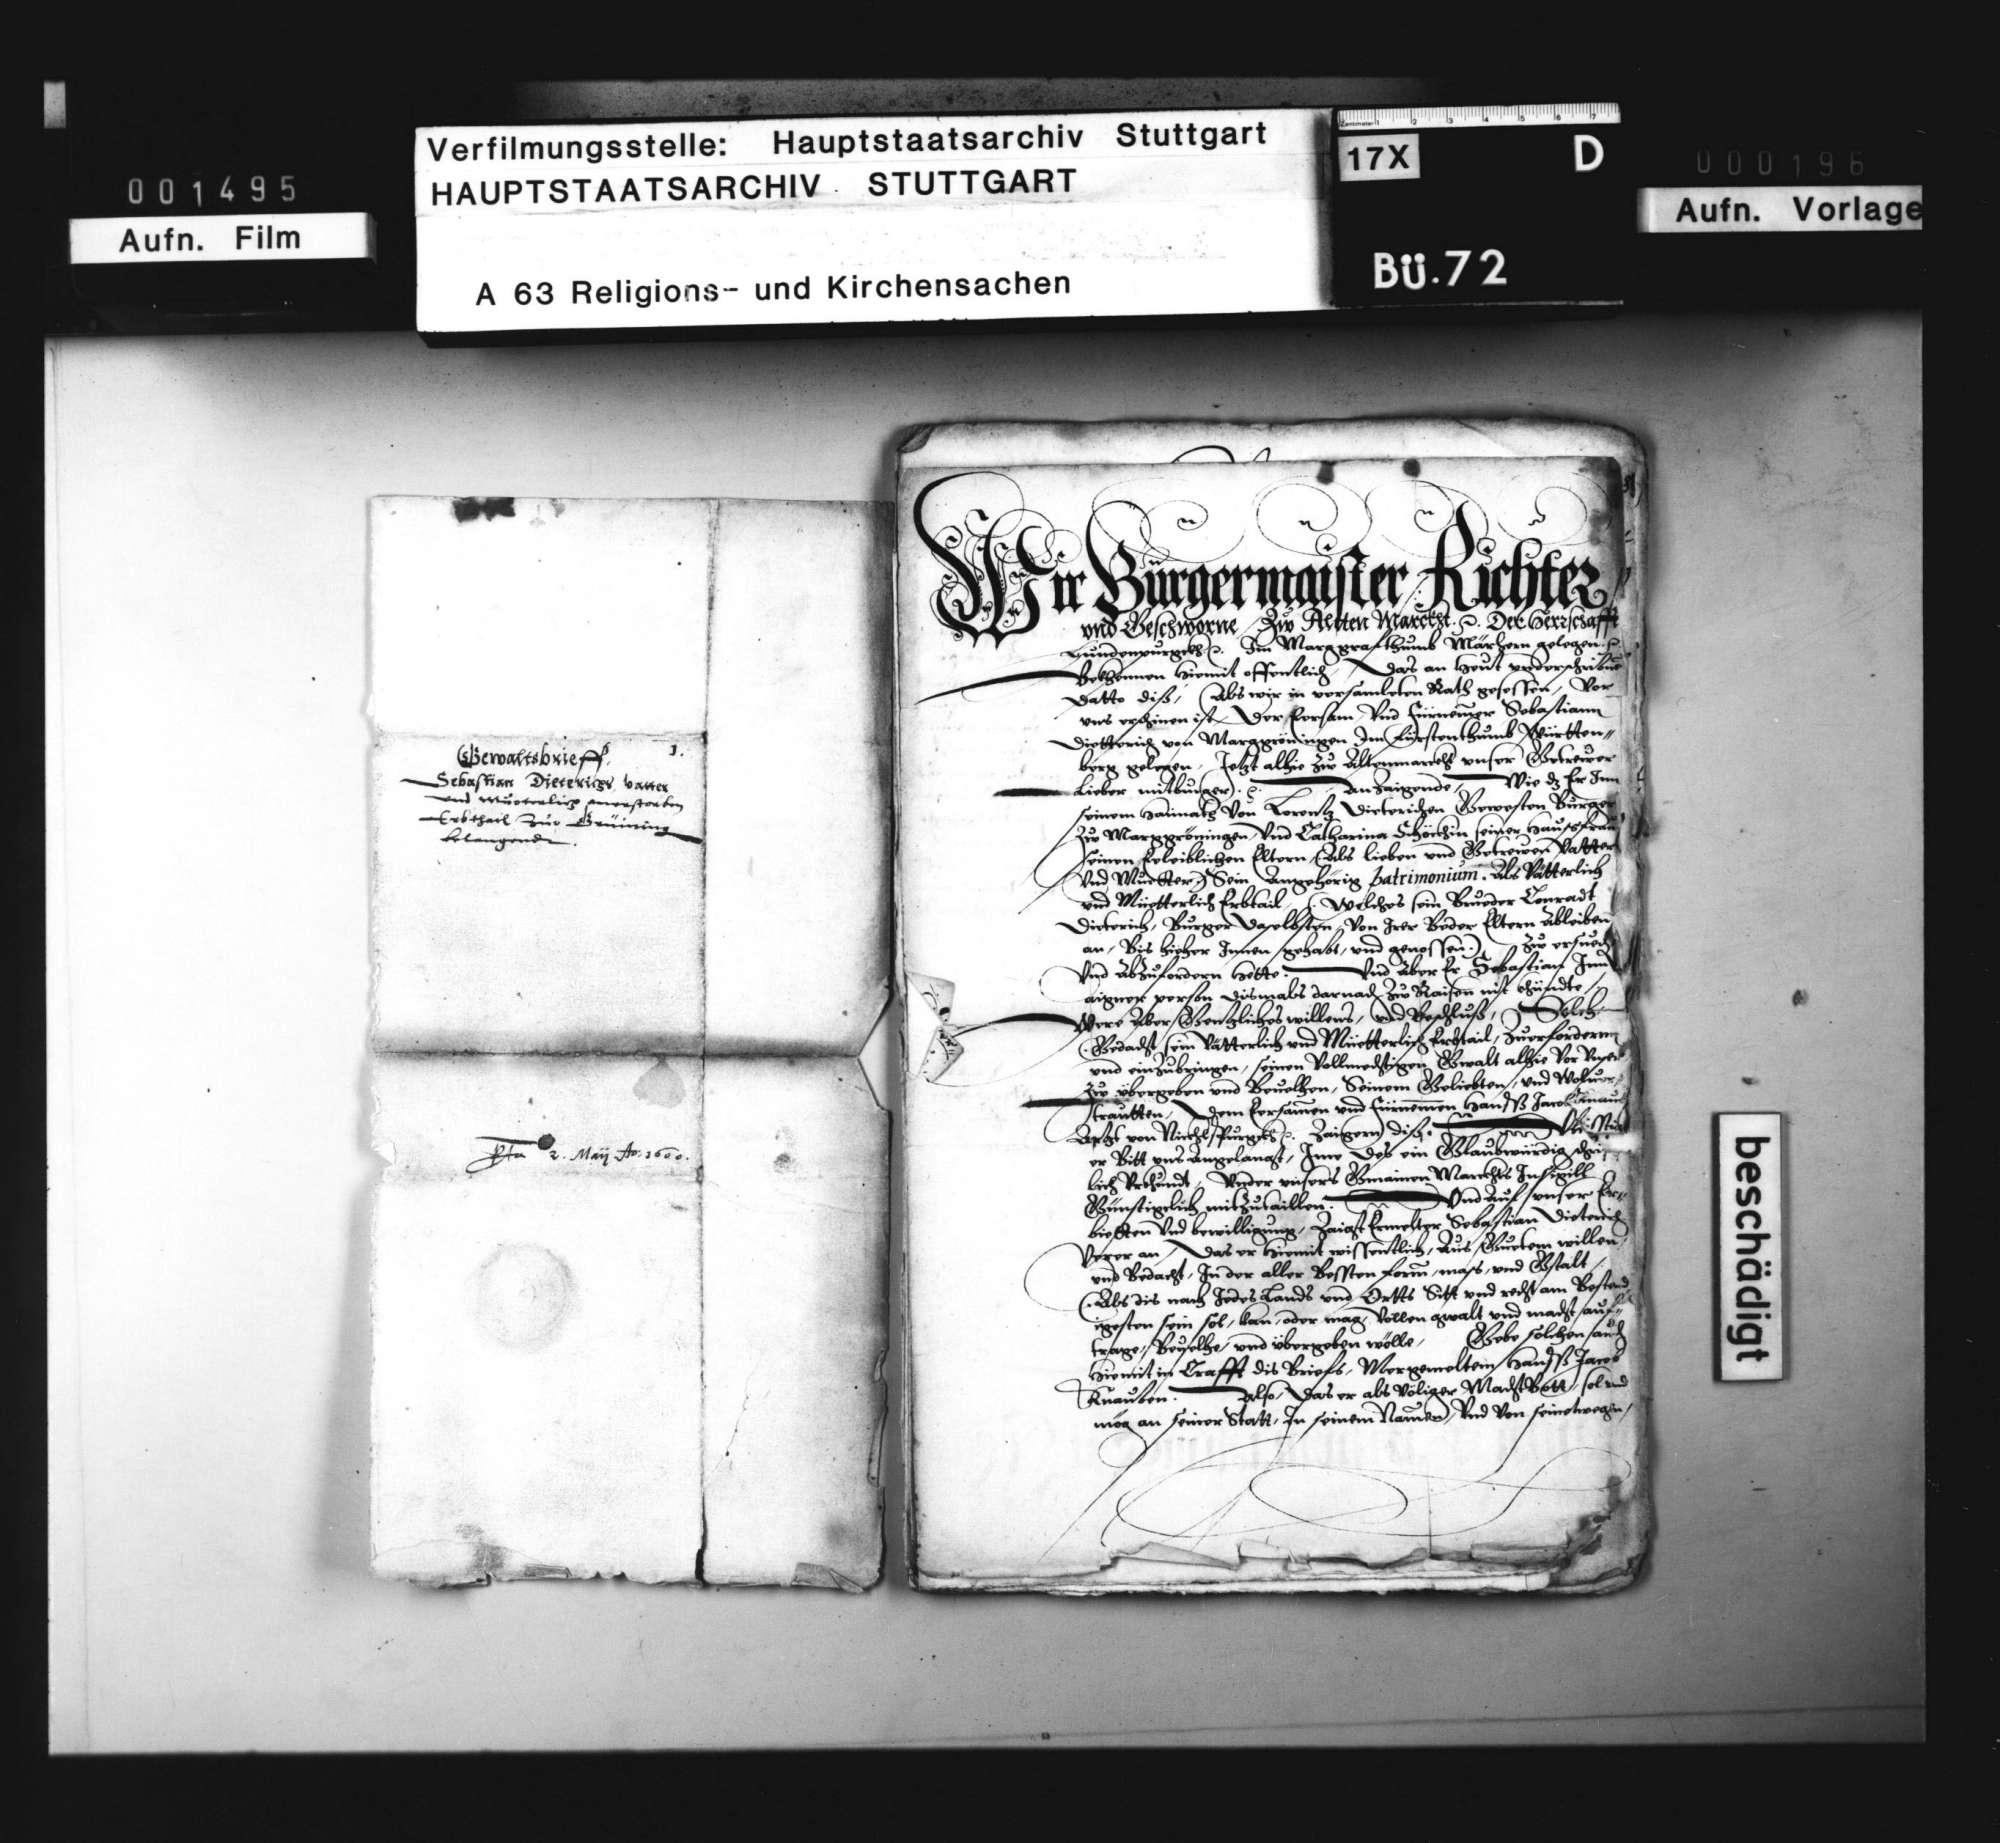 Schriften, betreffend die Verweigerung der Vermögensausfolge an einen nach Mähren ausgewanderten Wiedertäufer [Sebastian Dietrich aus Markgröningen]., Bild 2